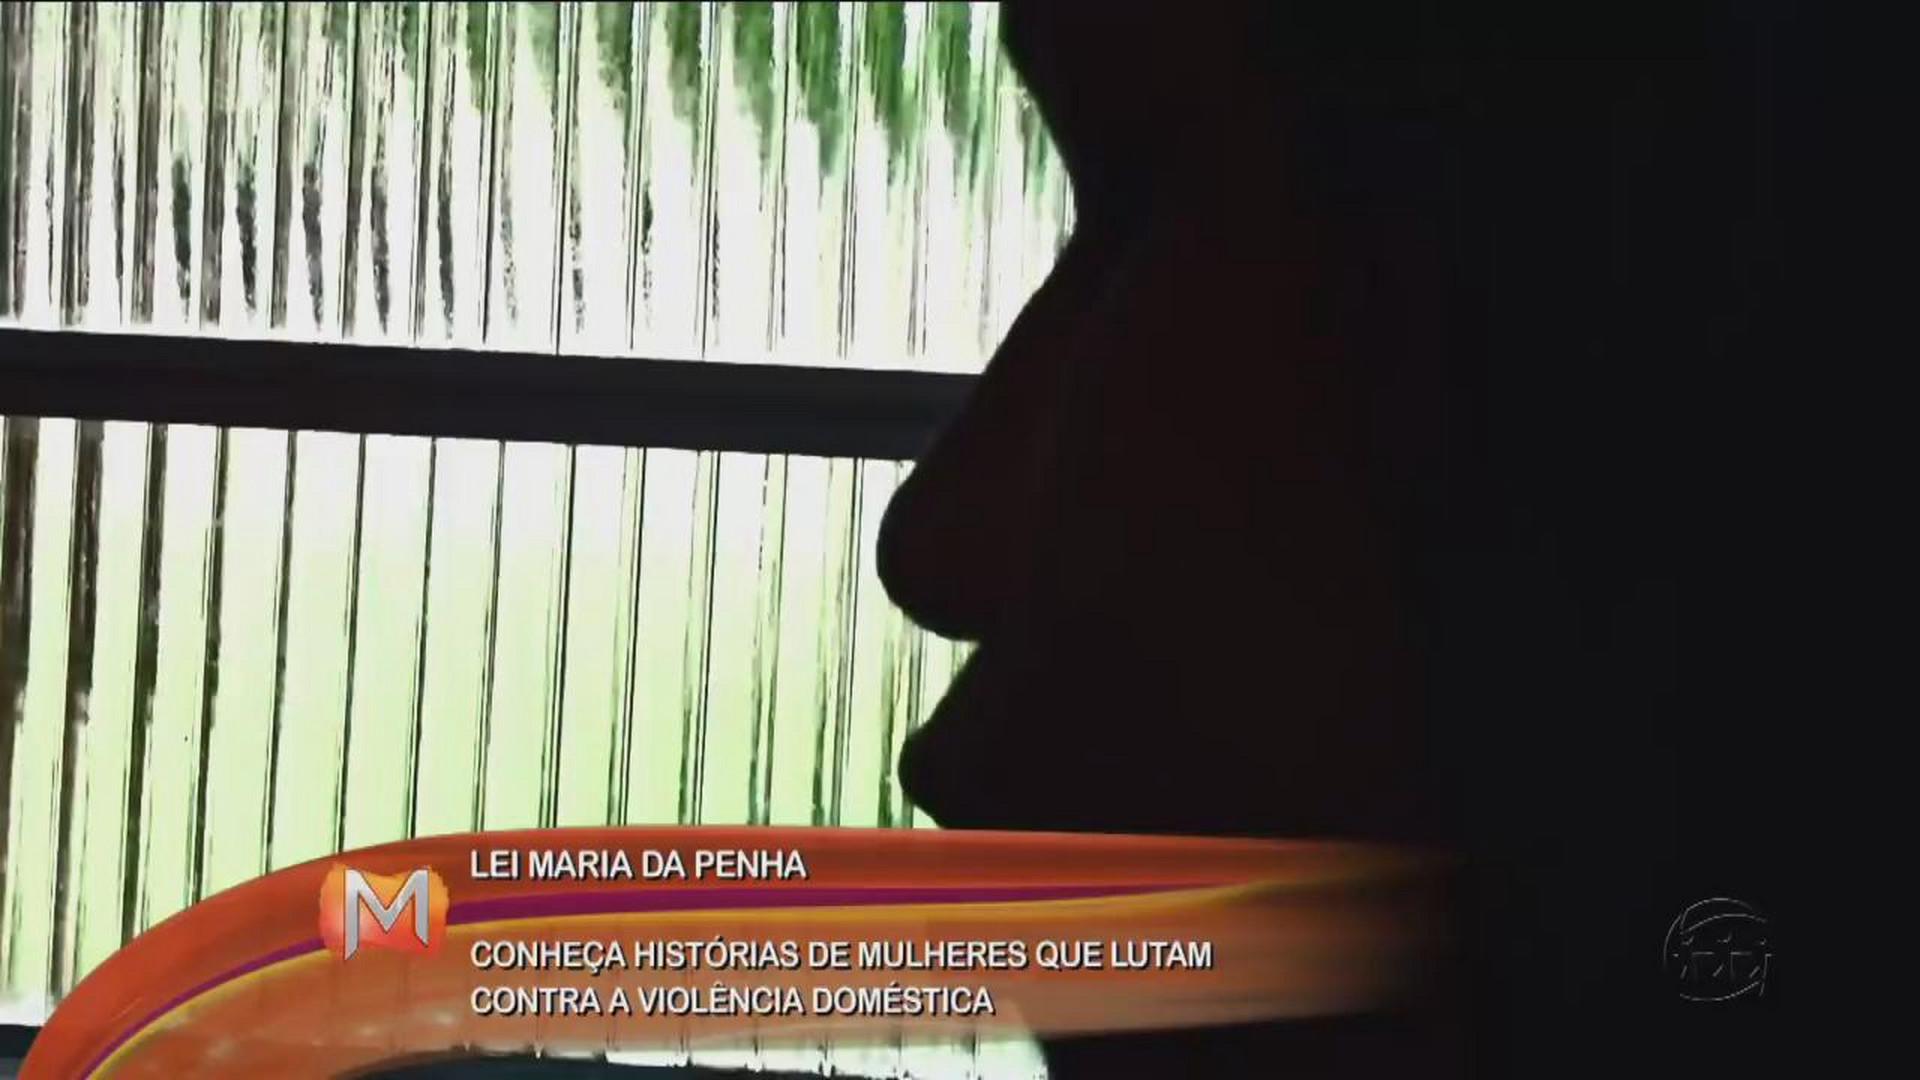 CONHEÇA HISTÓRIAS DE MULHERES QUE LUTAM CONTRA A VIOLÊNCIA DOMÉSTICA - Magazine - 07/08/17